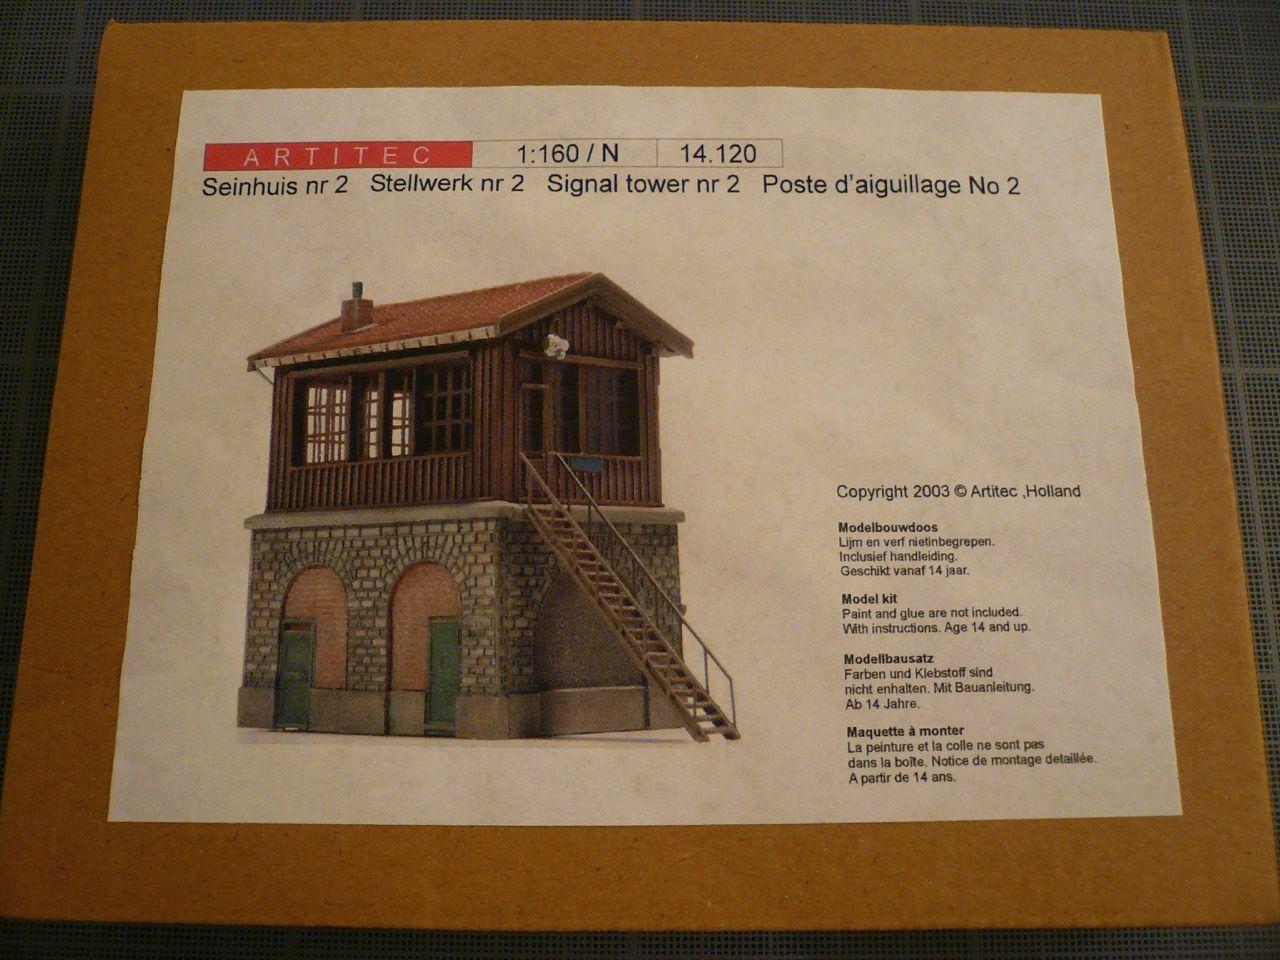 Mont-Raisot sur Eyne - Construction du poste d'aiguillage